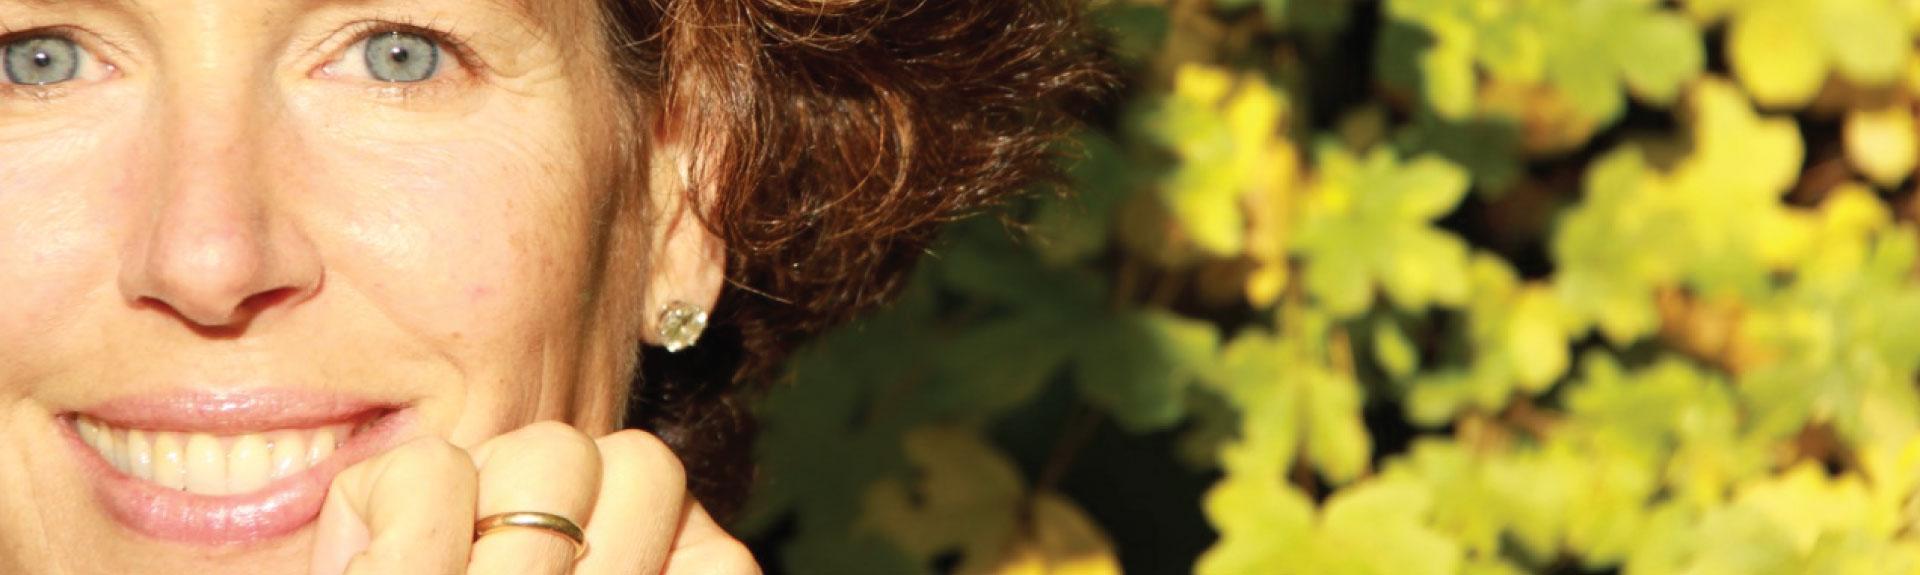 Cristina Gabetti: da consumatori a cittadini